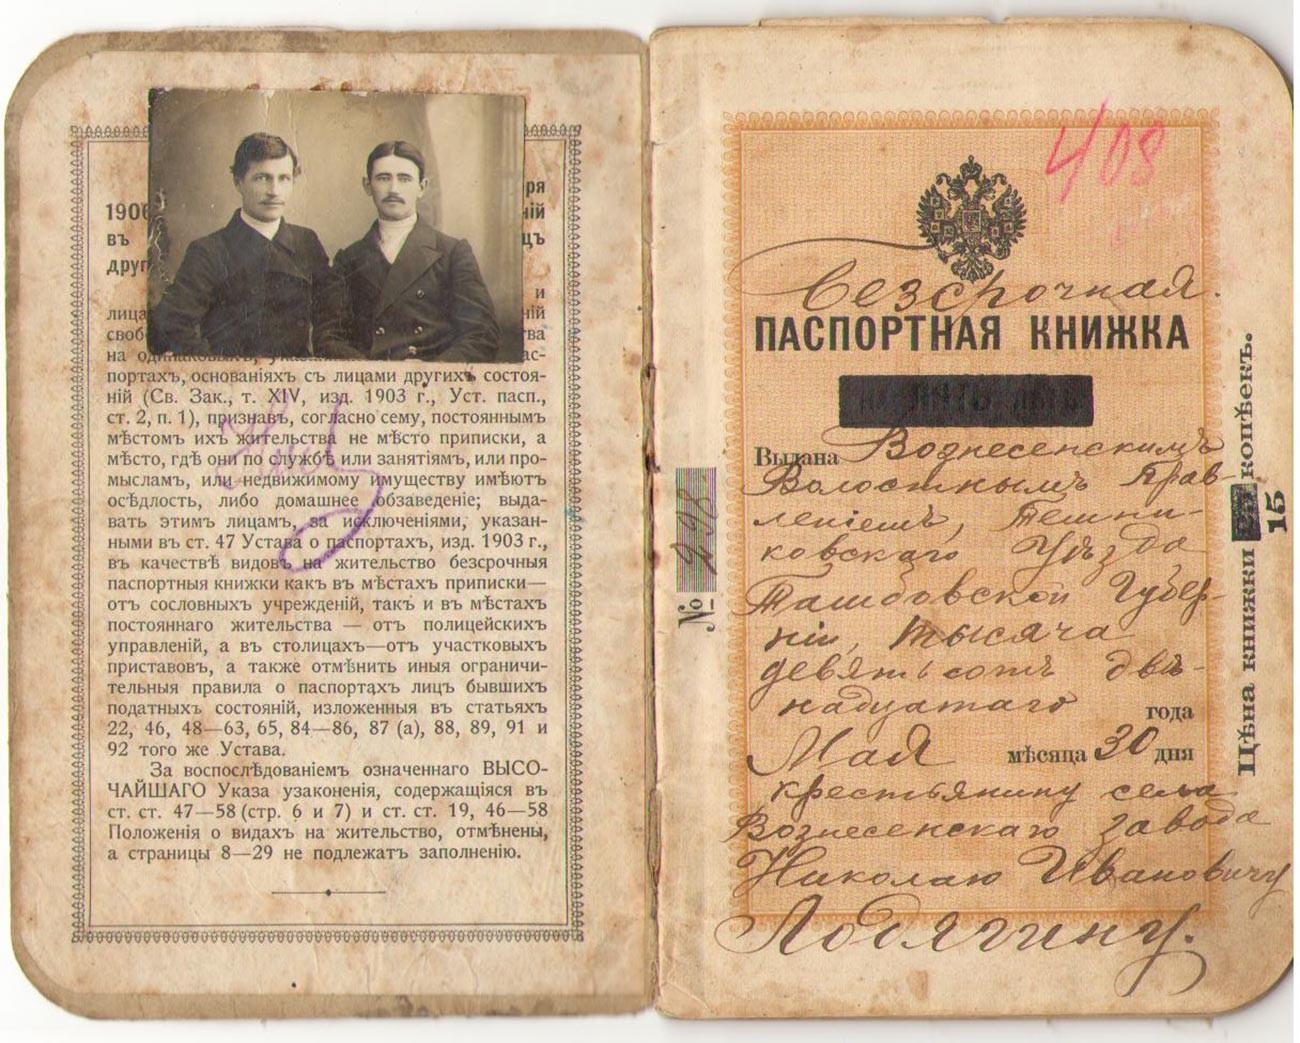 Документи за самоличност в Руската империя.